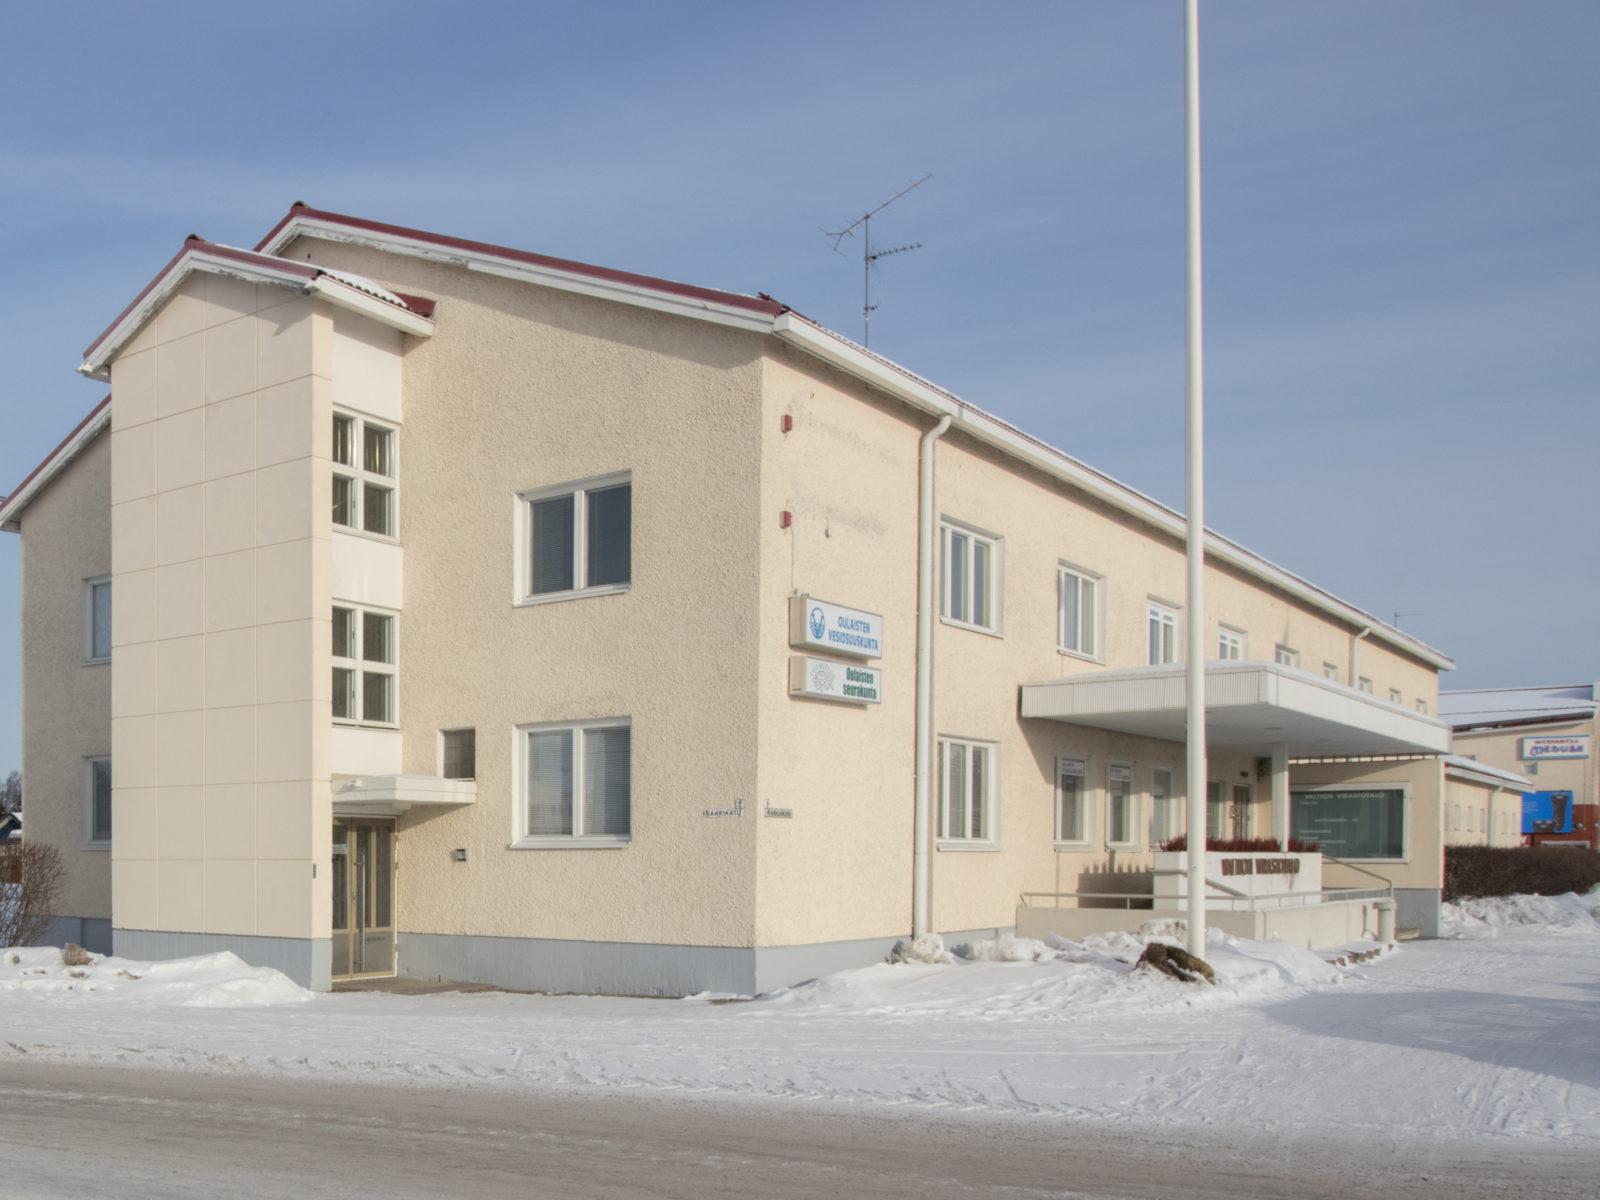 Oulaisten virastotalo | PS-kiinteistöt